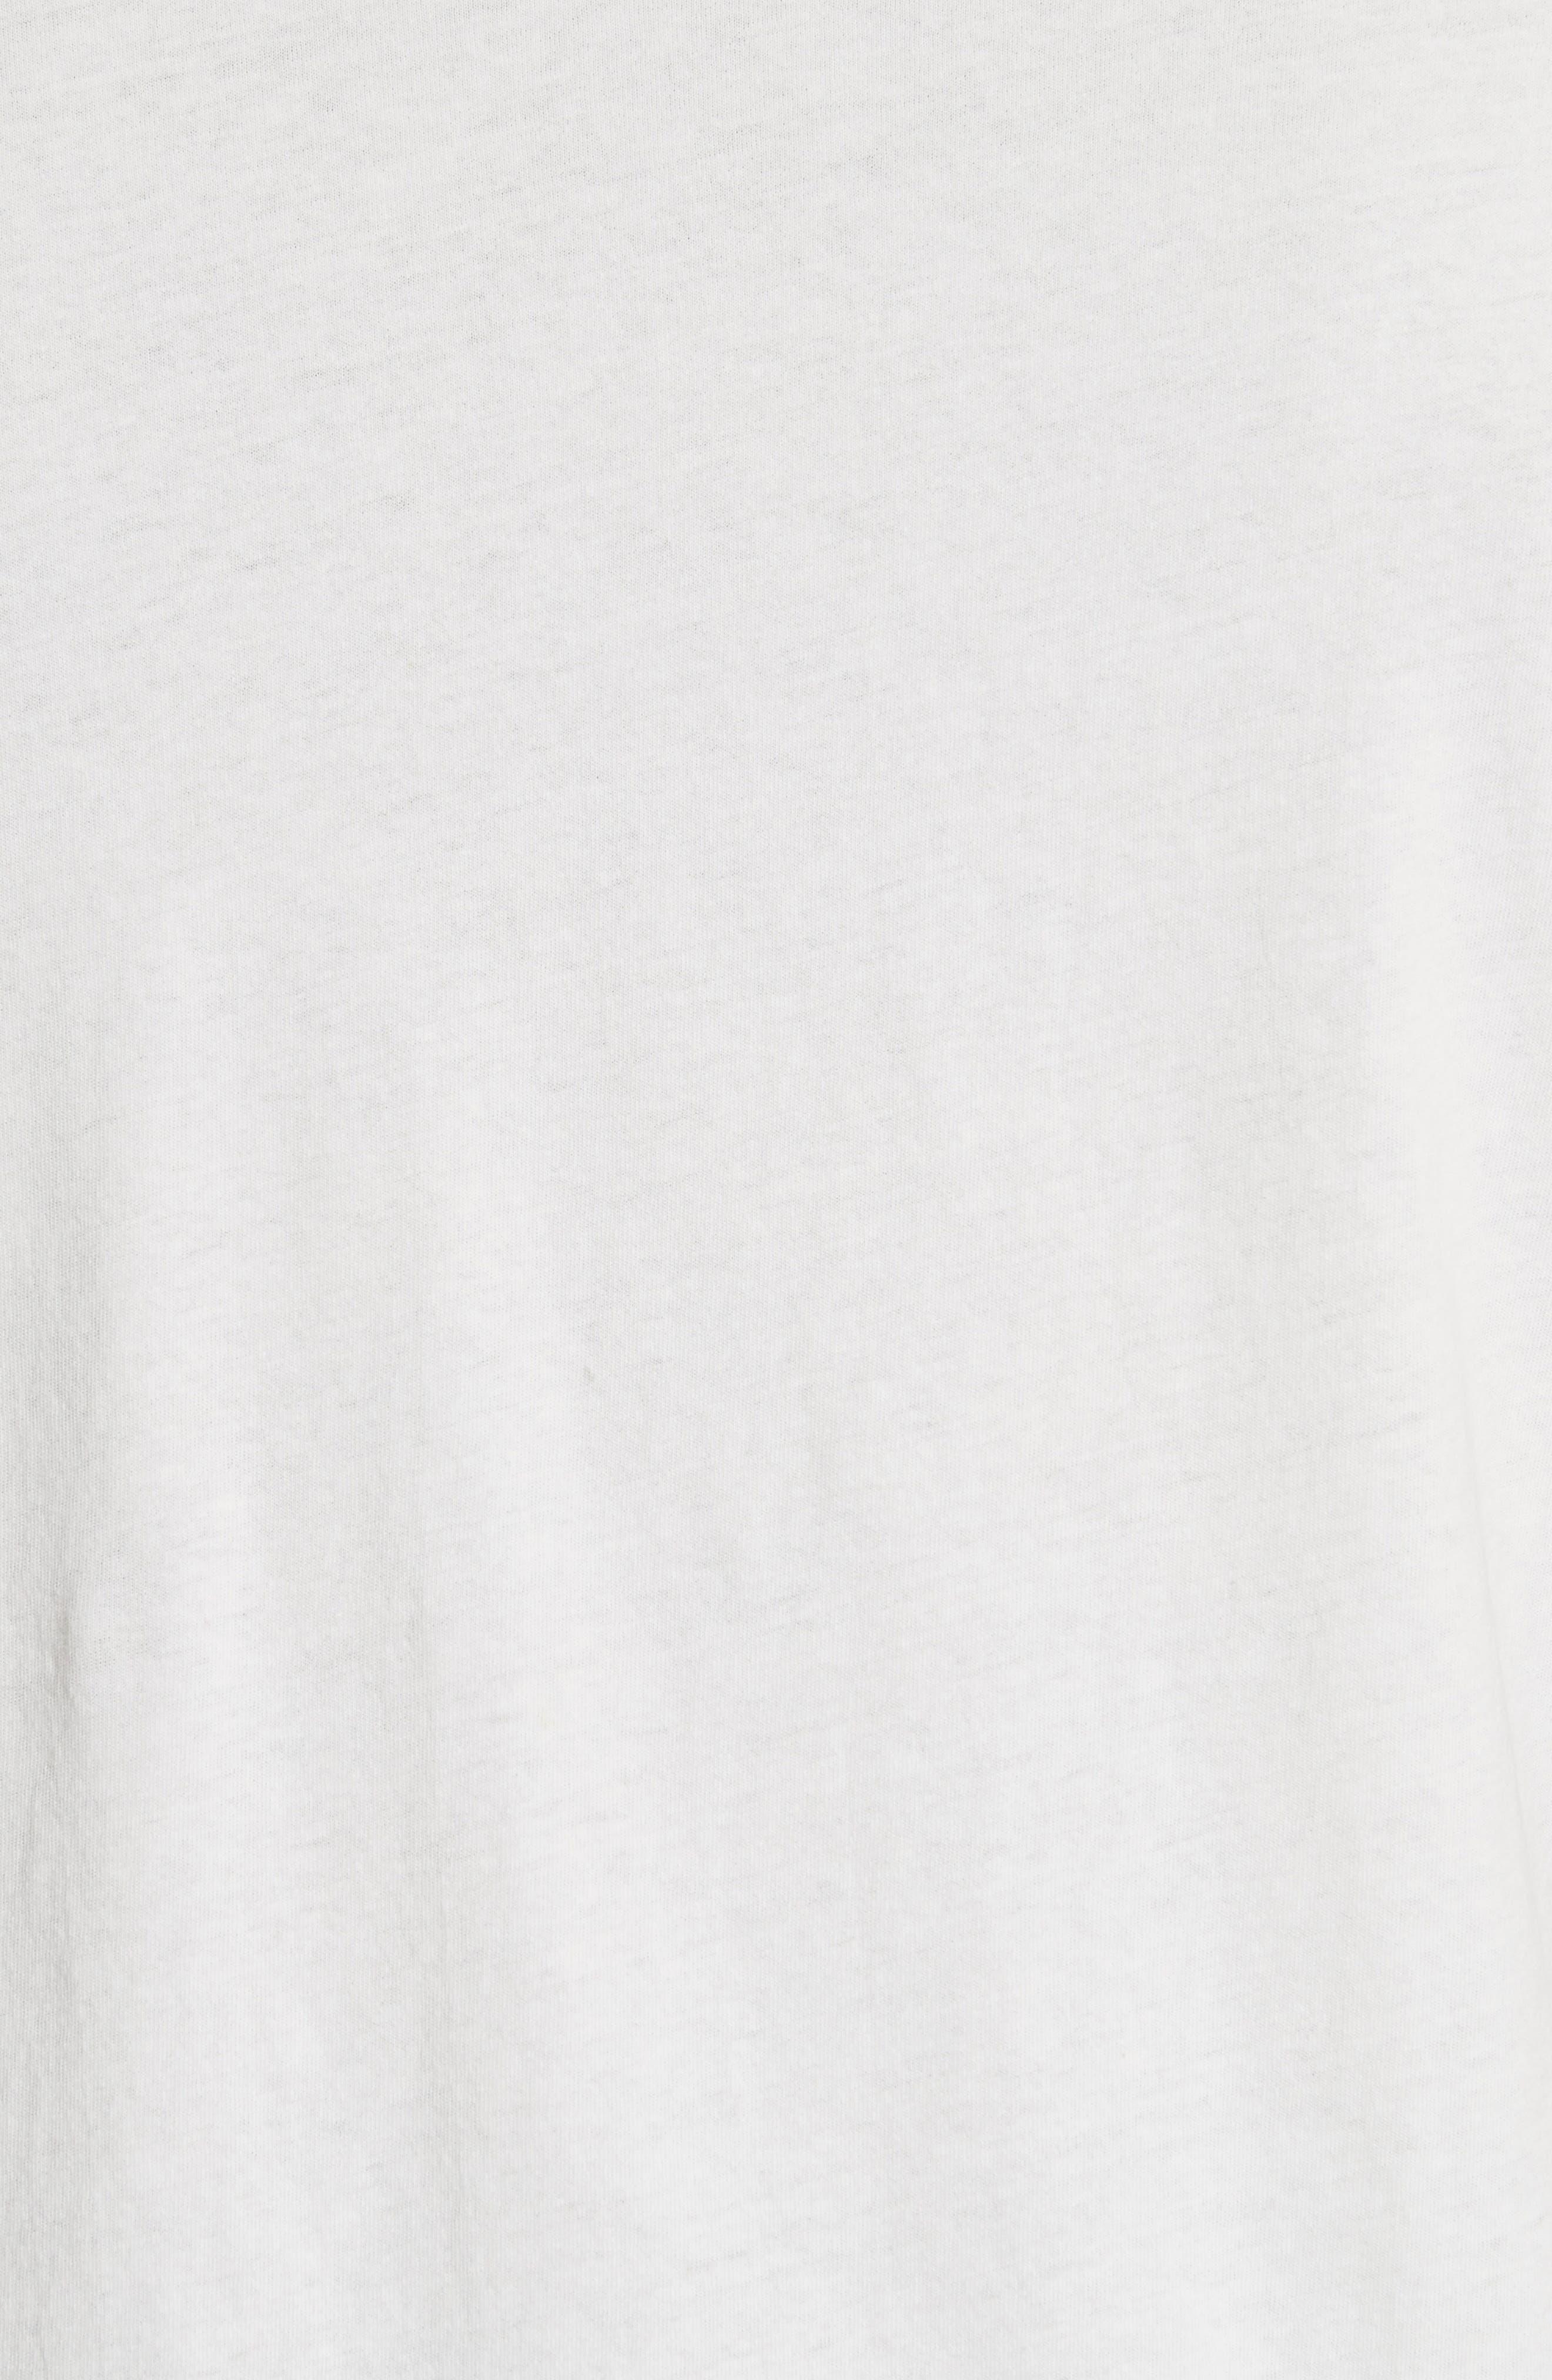 Pist Sext Lols Graphic T-Shirt,                             Alternate thumbnail 5, color,                             100